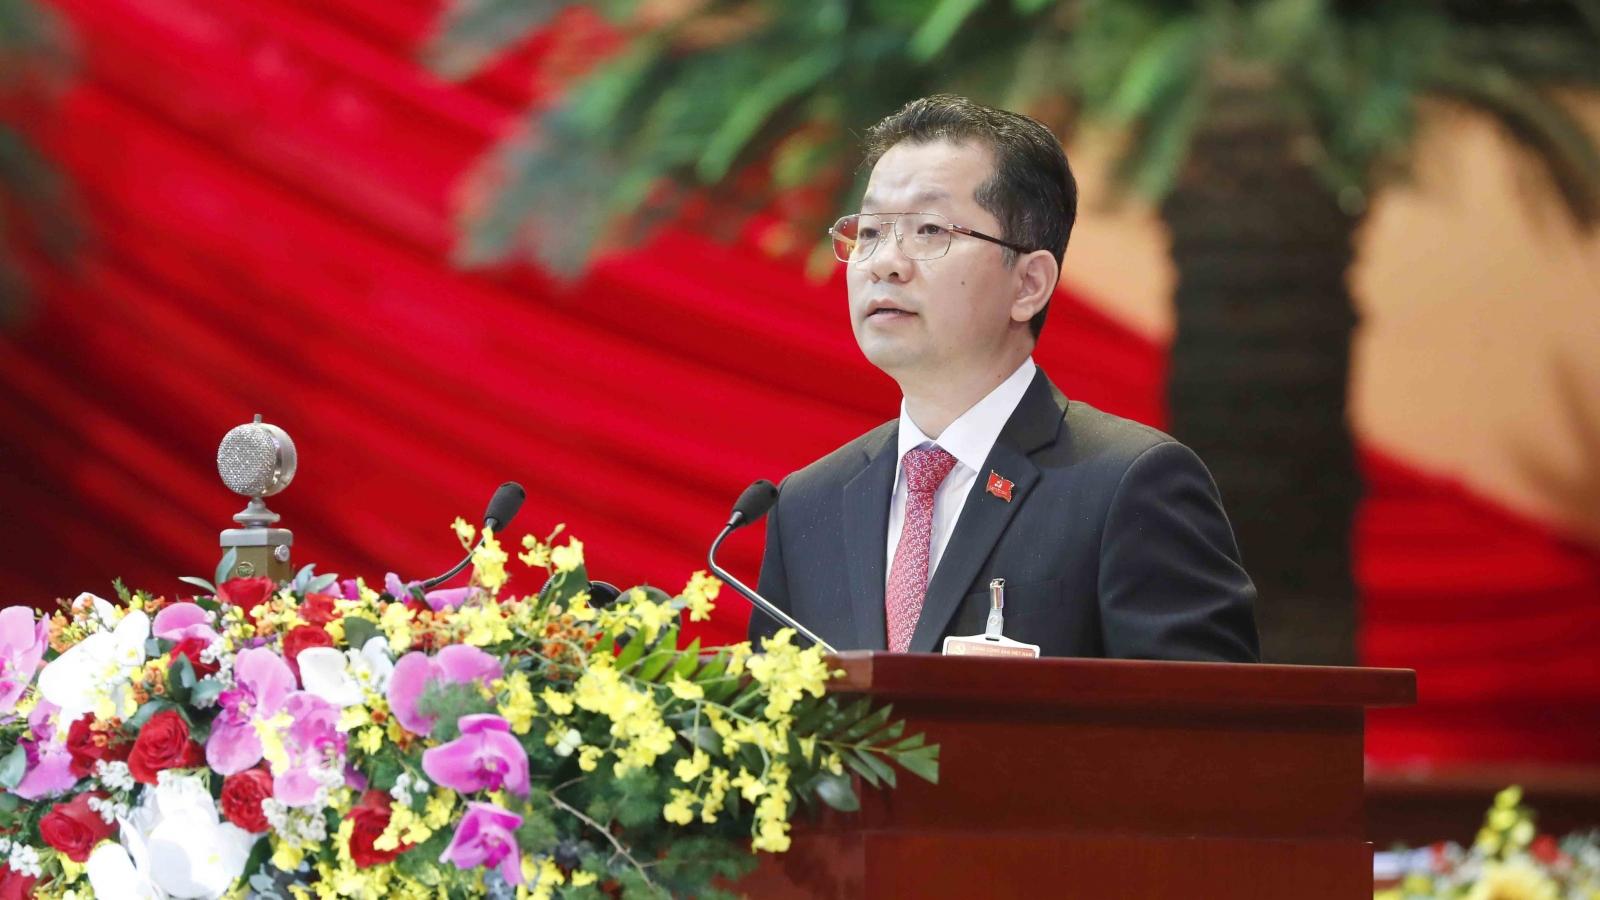 Bí thư Thành ủy Đà Nẵng nêu bài học về kiểm tra, giám sát, thi hành kỷ luật Đảng